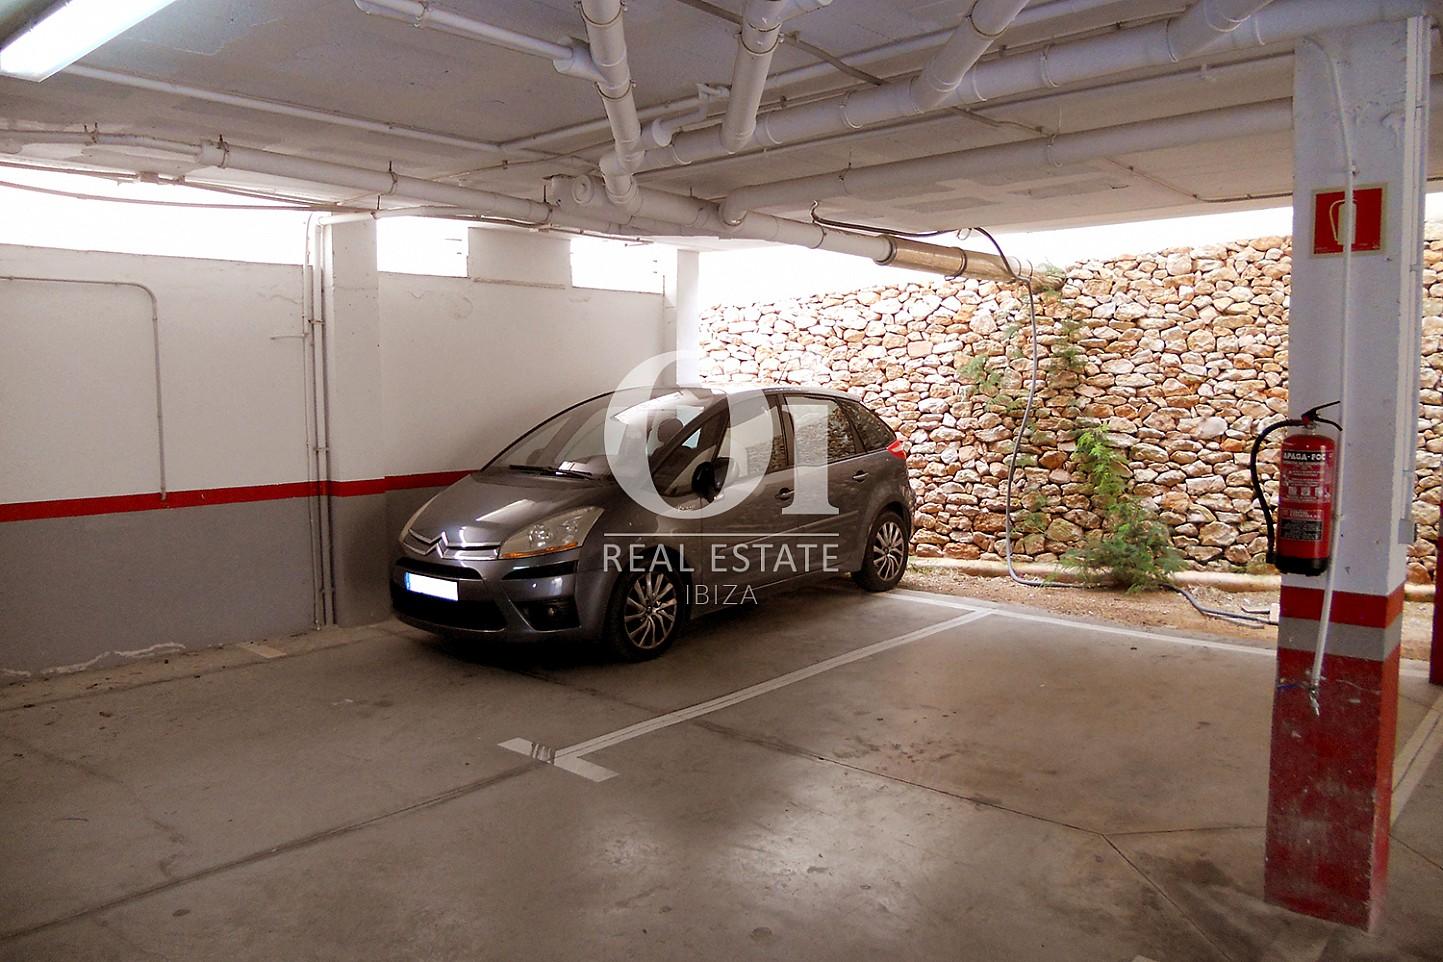 Garaje de piso en venta en Cala Gració, zona de Sant Antoni, Ibiza